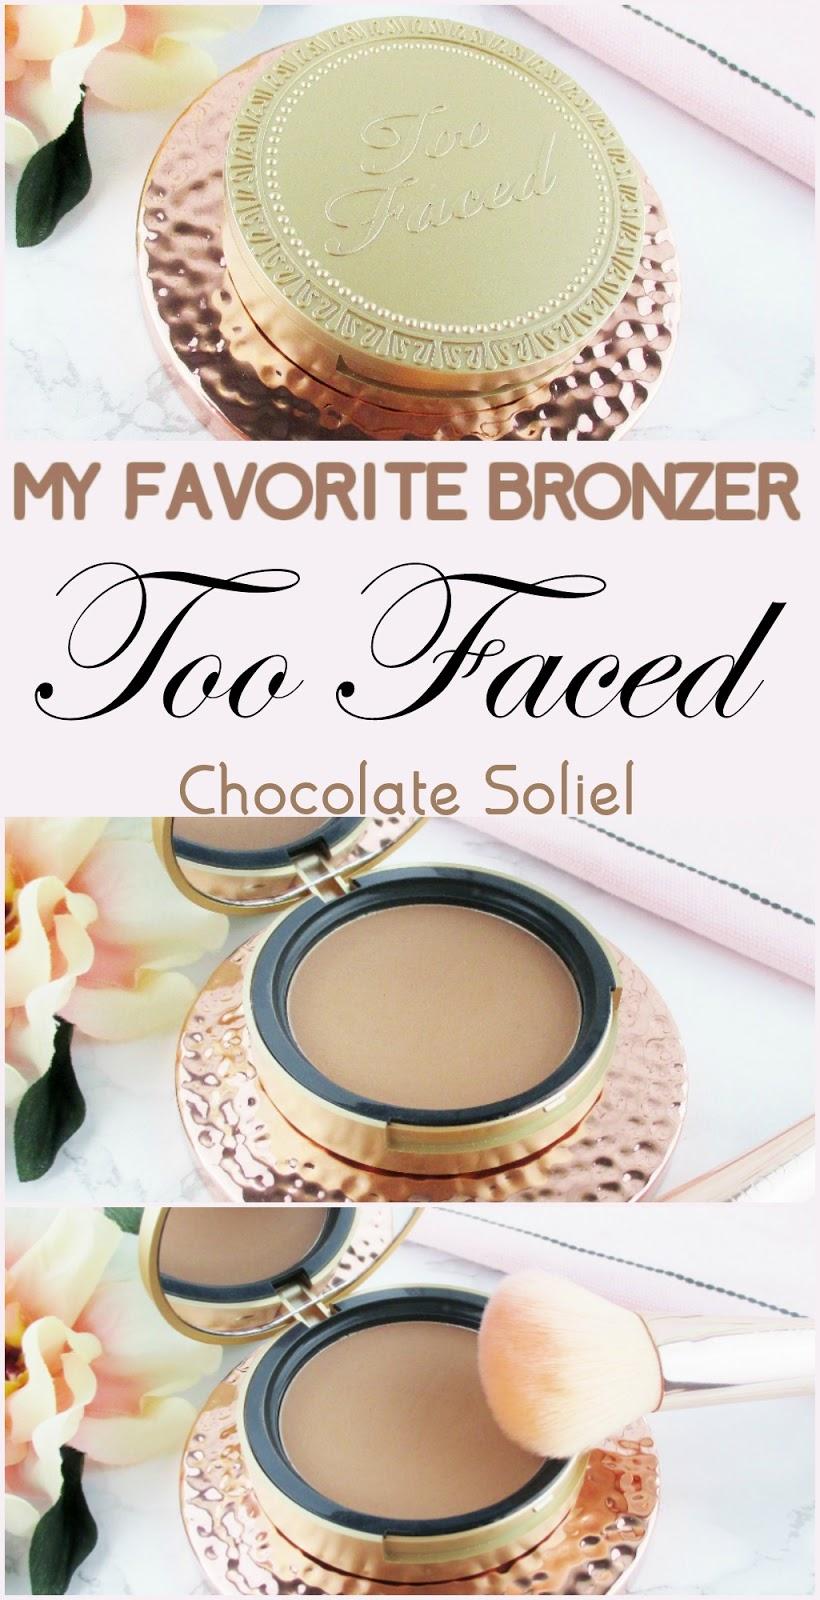 my-favorite-bronzer-chocolate-soliel-makeup-wars